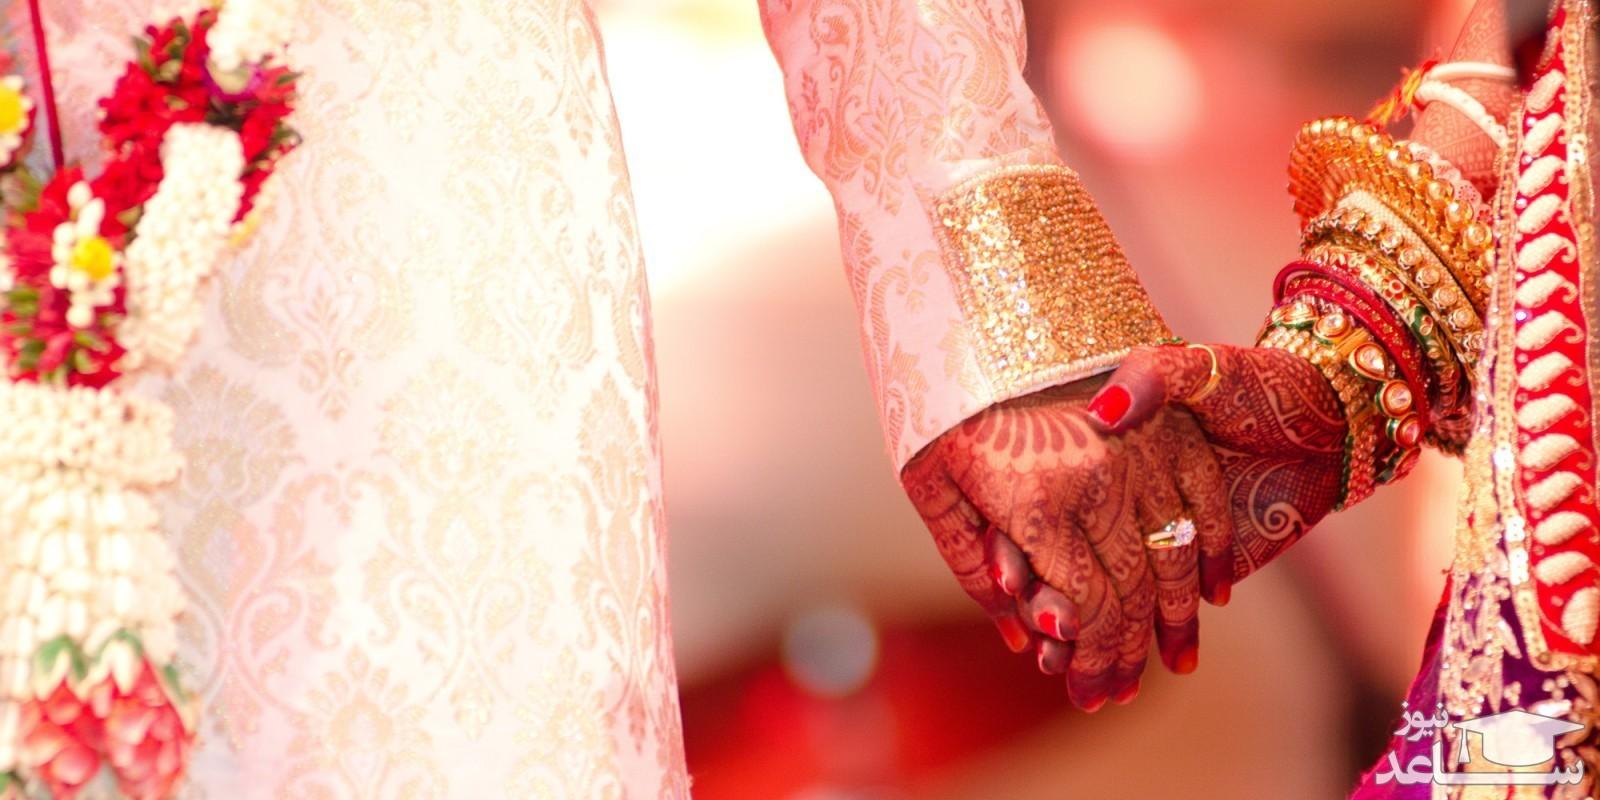 (فیلم) اقدام عجیب عروس و داماد در جشن عروسی!